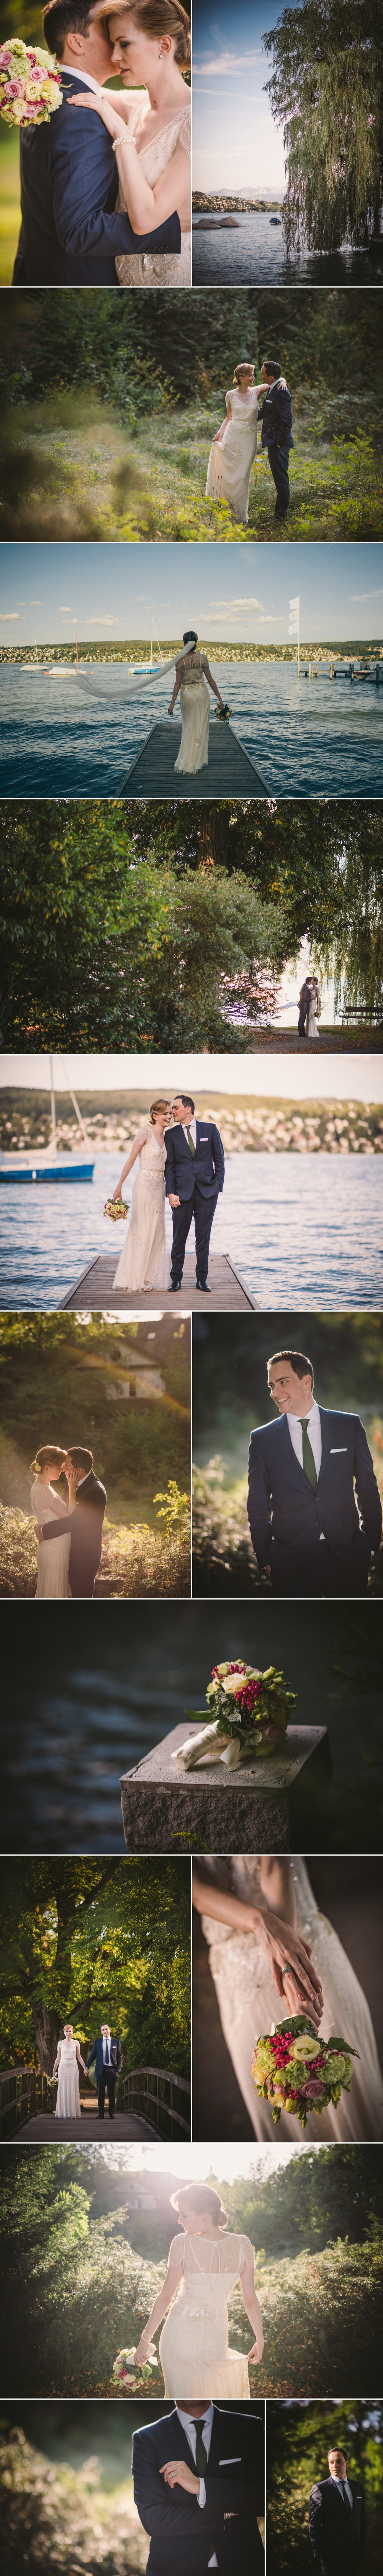 Engagement video, Hochzeitfotos, Hochzeitsfotograf, Hochzeitsfotograf Zürich, Standesamt Zurich, Wedding Photos